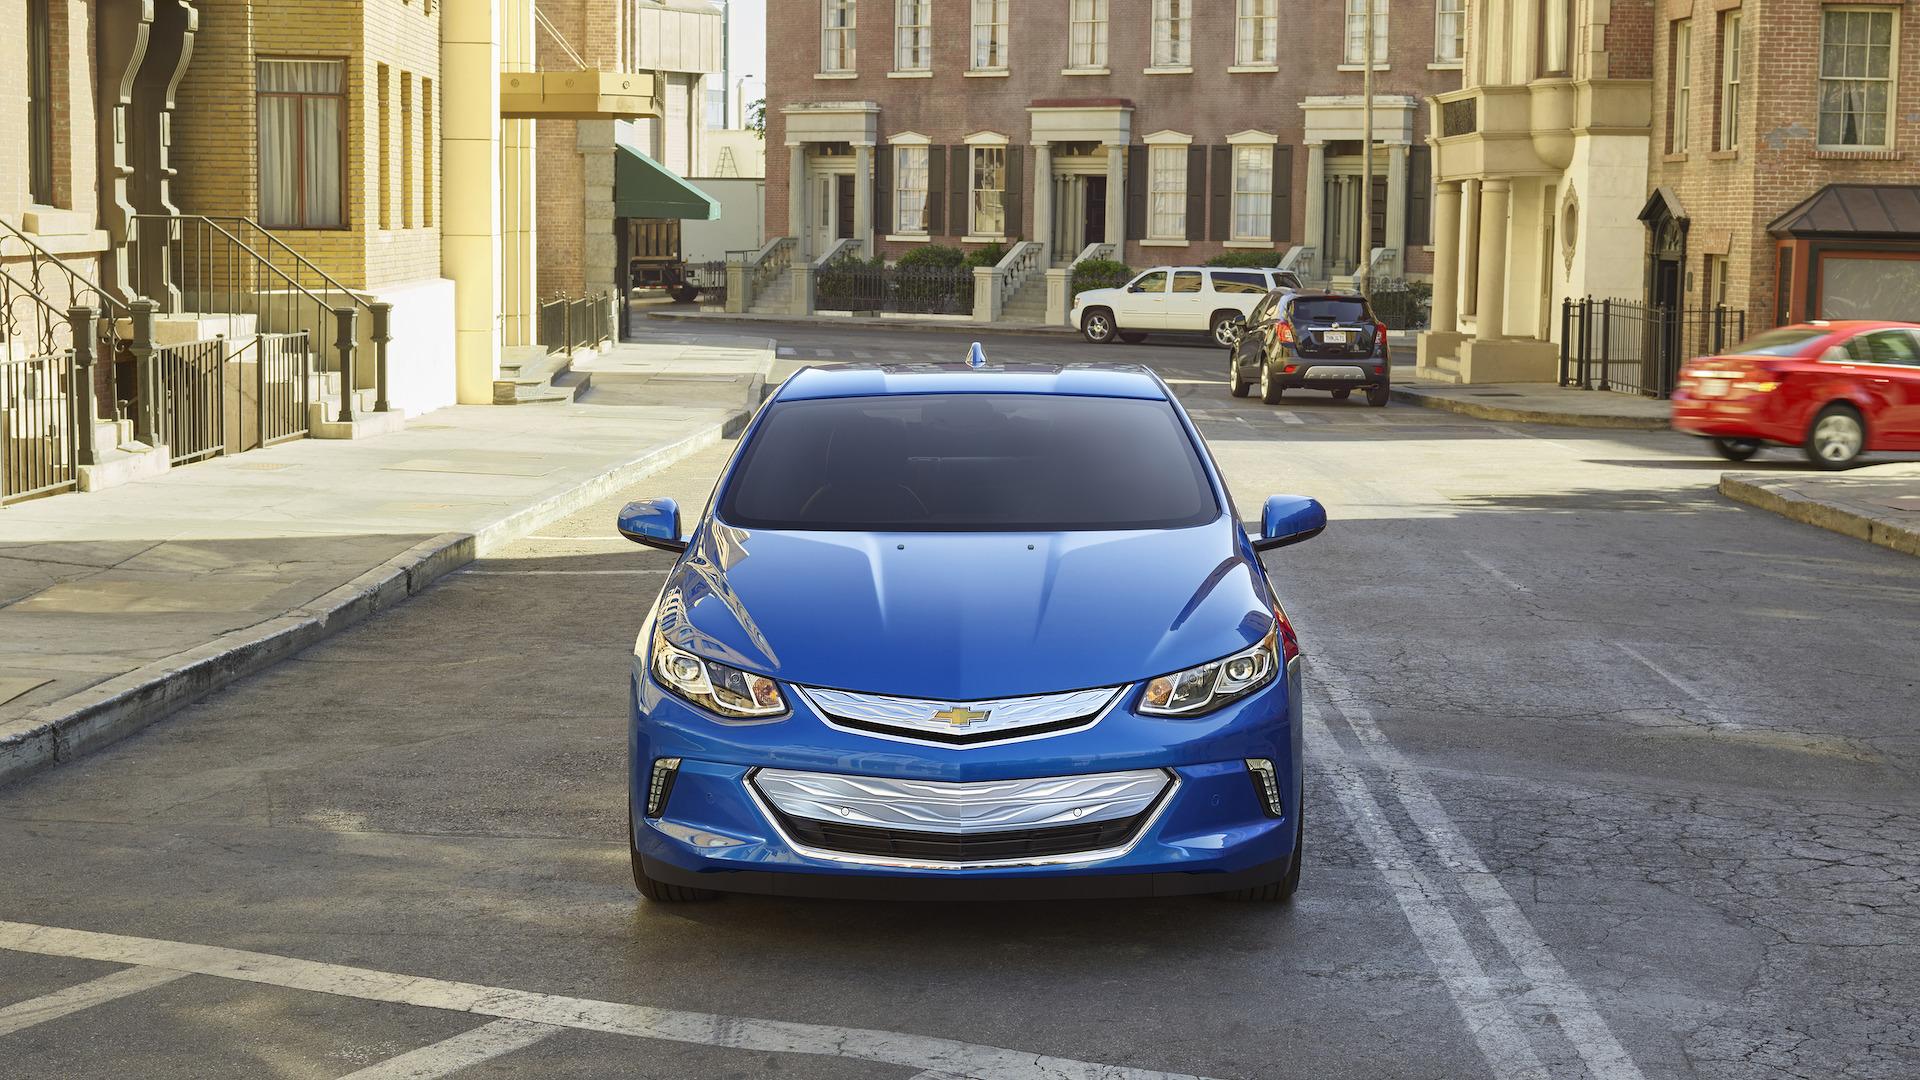 شورلت ولت - اجاره ماشین - اجاره خودرو - کرایه ماشین